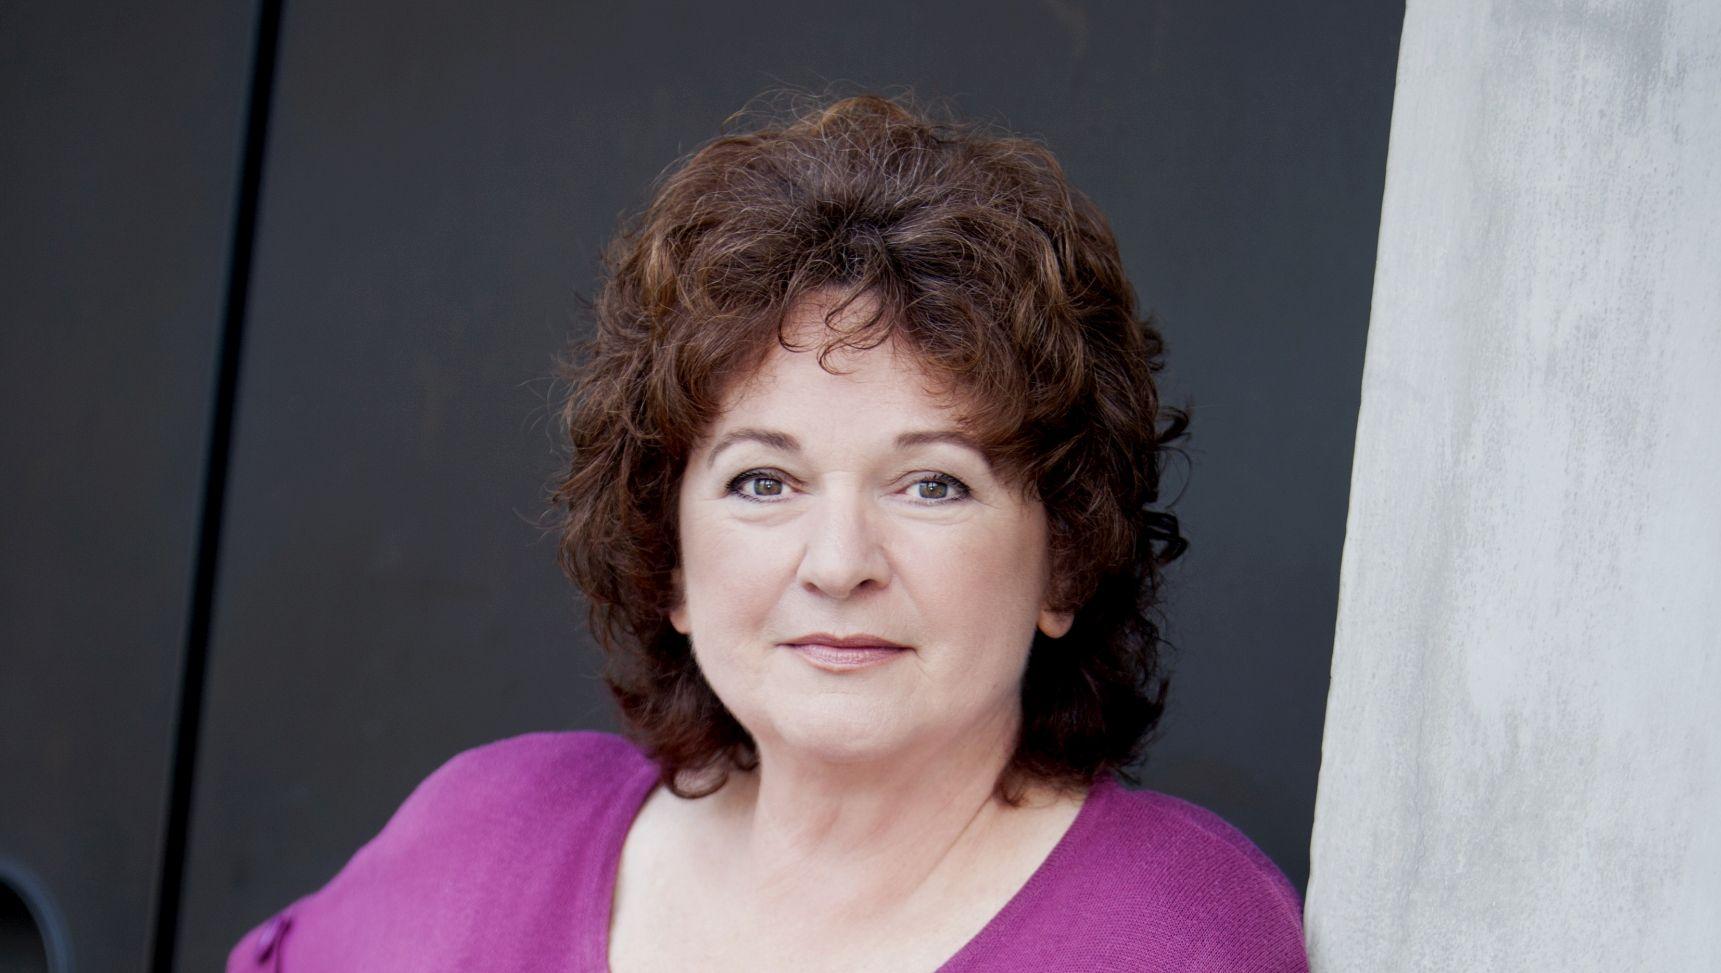 Angelika Wedekind